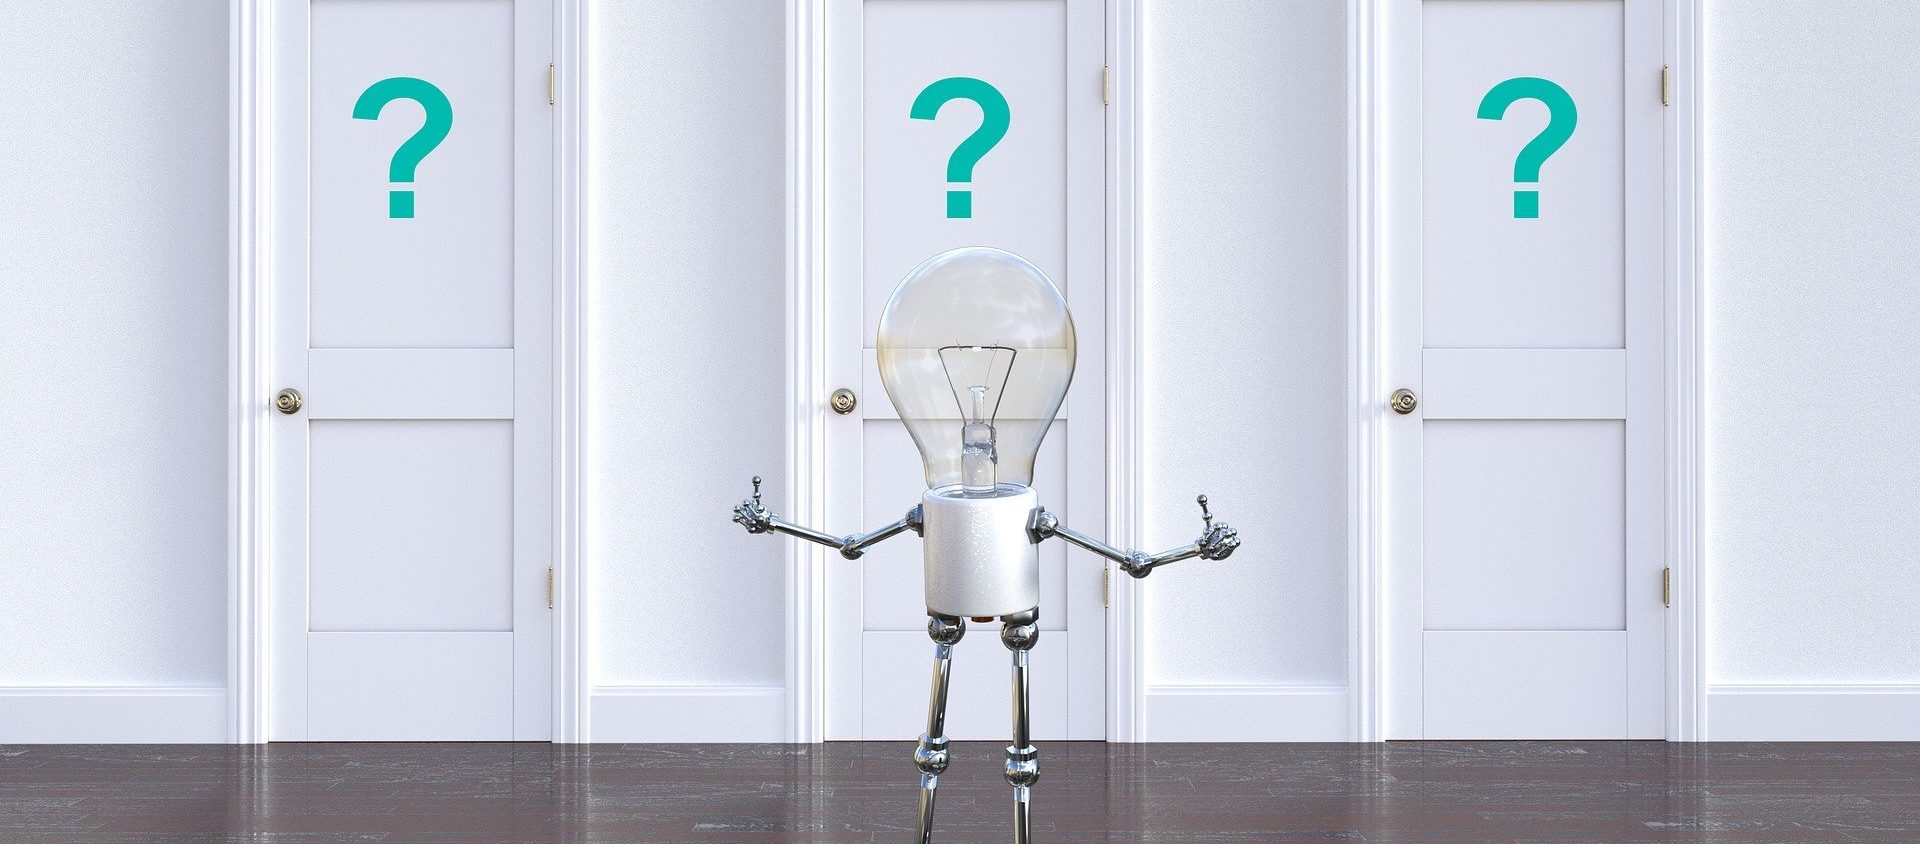 alege planul smartdoctor